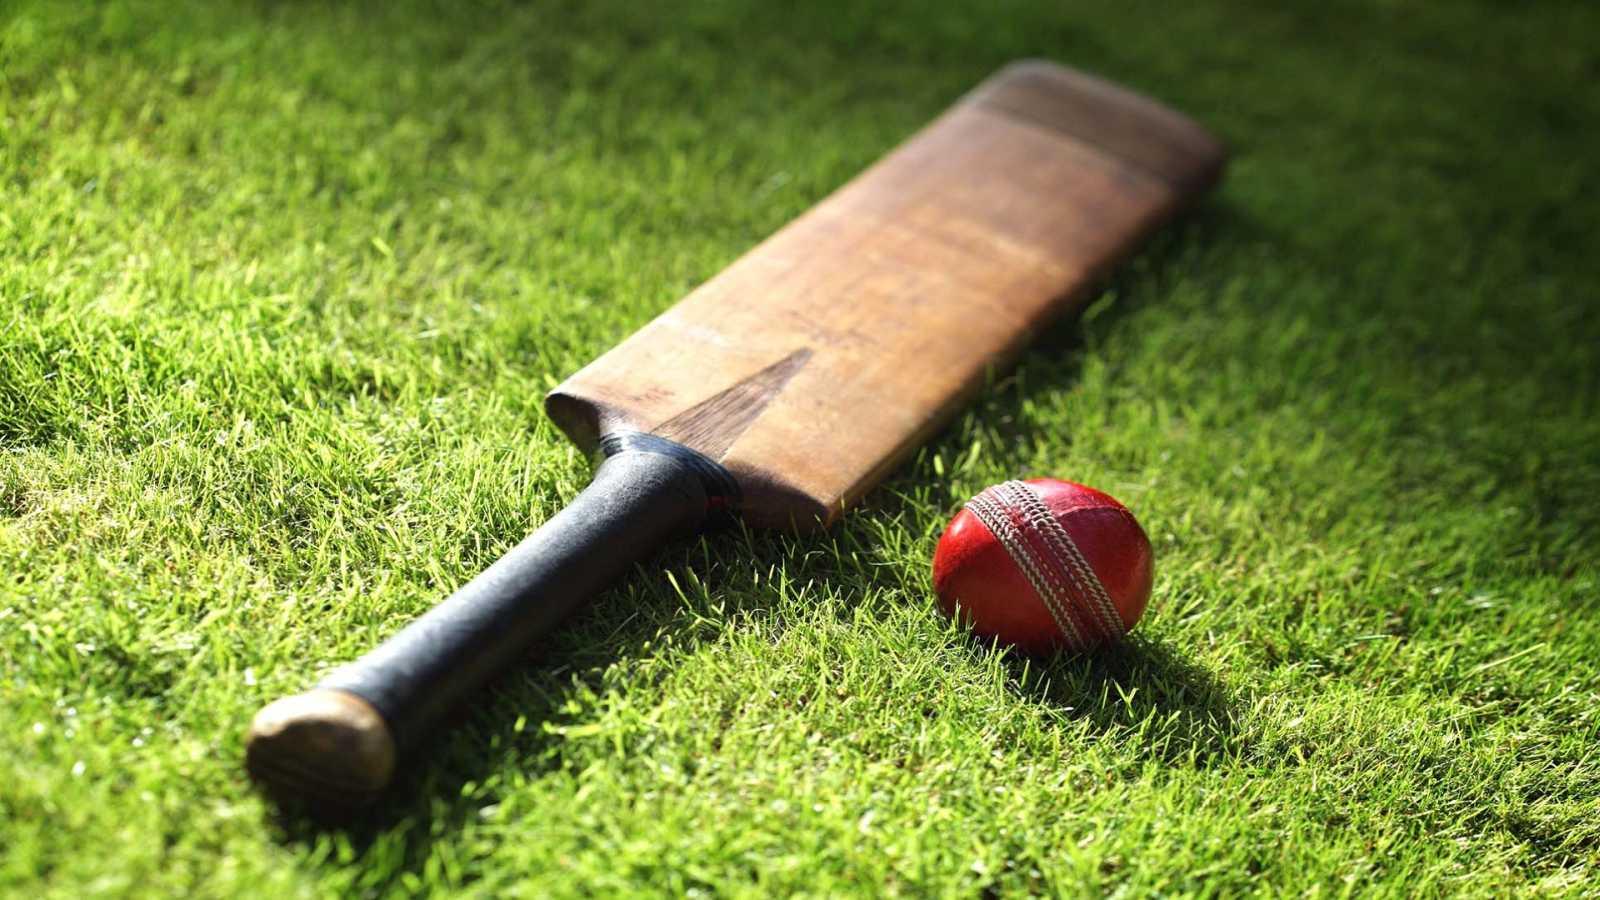 BIG BREAKING: দেশের হাল বদলাতে রাজনীতিতে যোগ দিচ্ছেন এই দুই মহান ক্রিকেটার 8